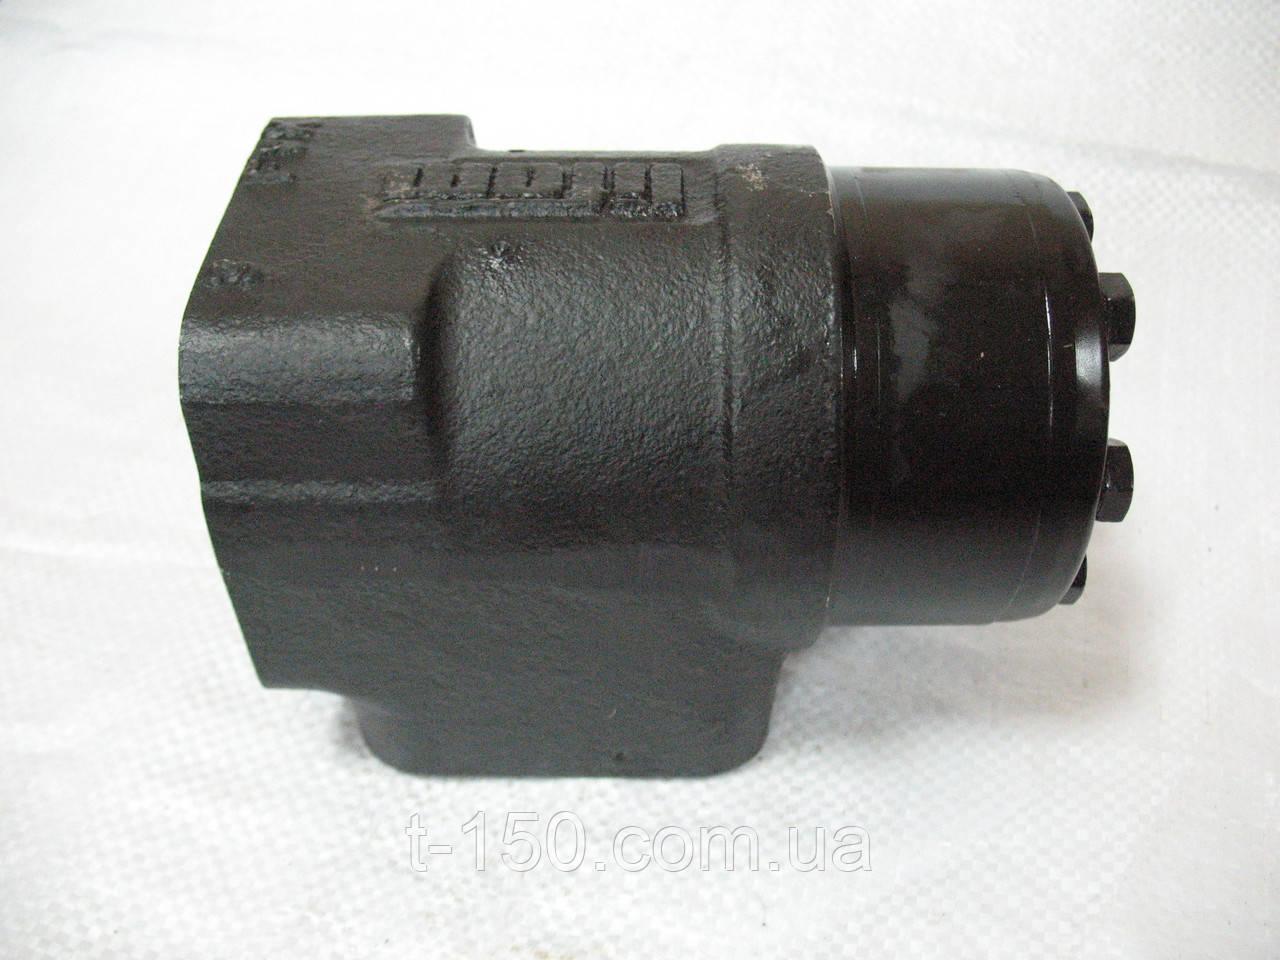 Насос-дозатор рулевого управления  ХТЗ-172, Т-150, Т-156 (SUB–200/500) пр-во Сербия